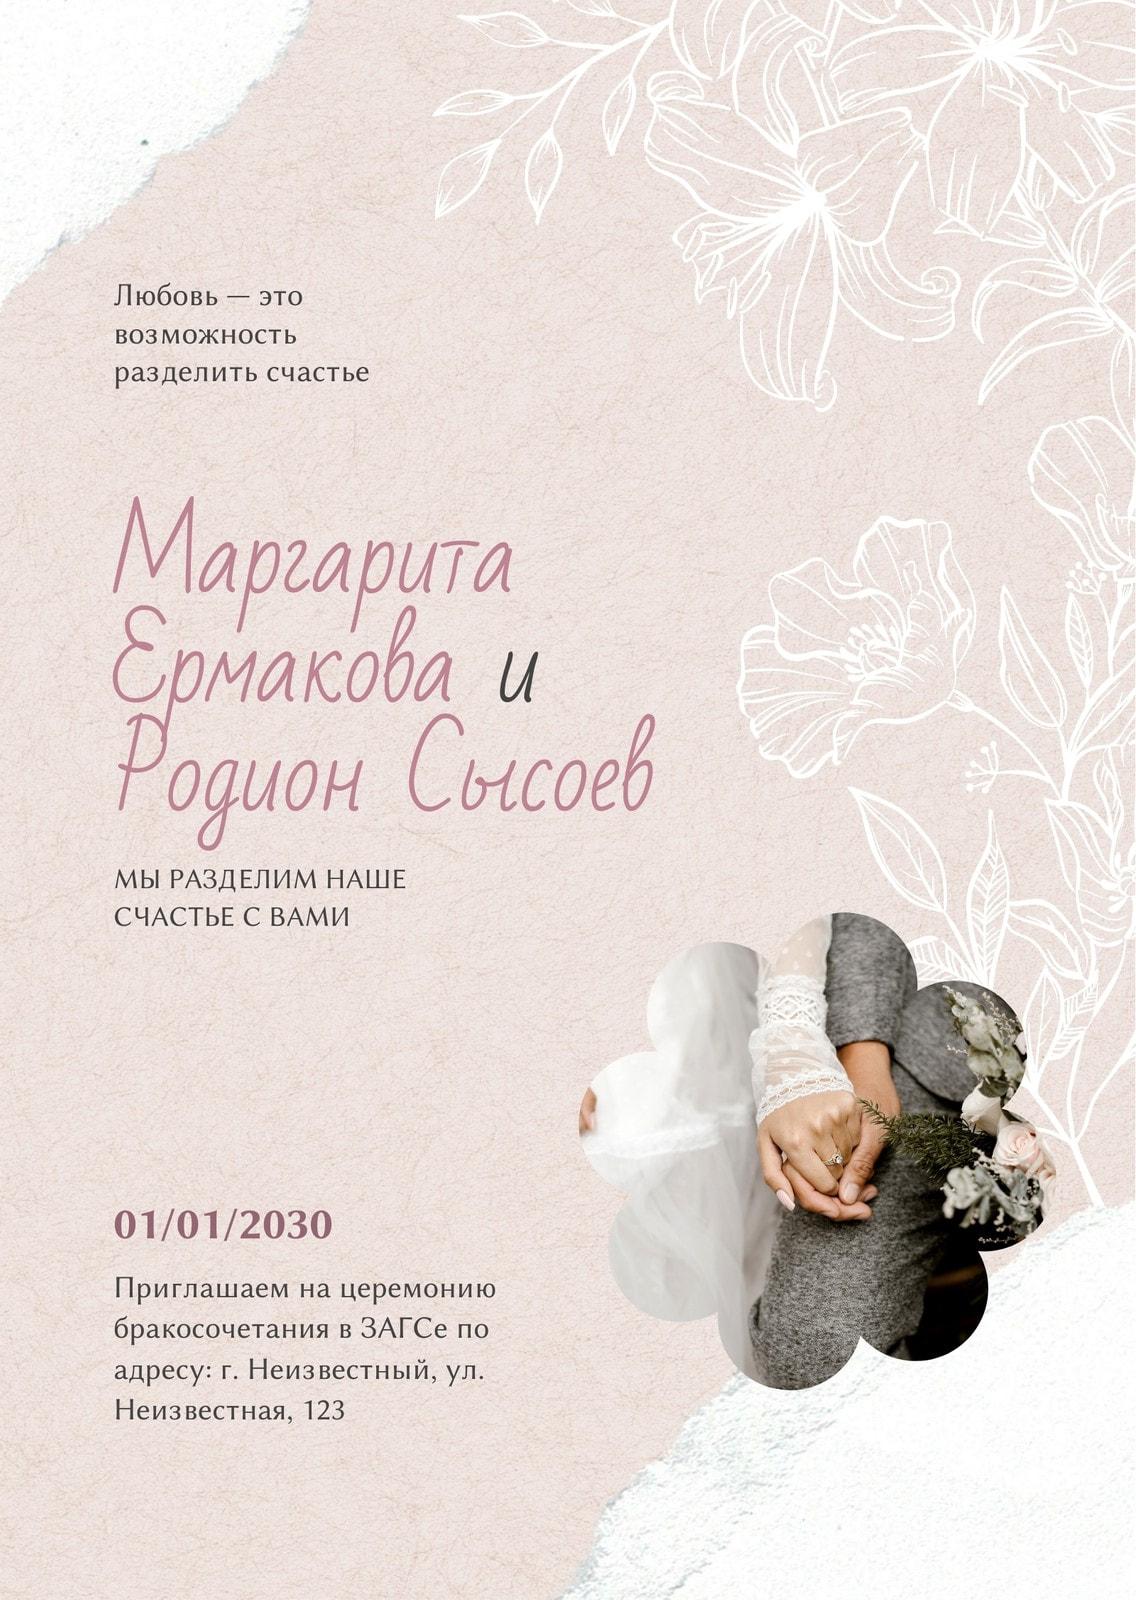 Розовое и белое приглашение на свадьбу с белым цветочным рисунком и фото пары